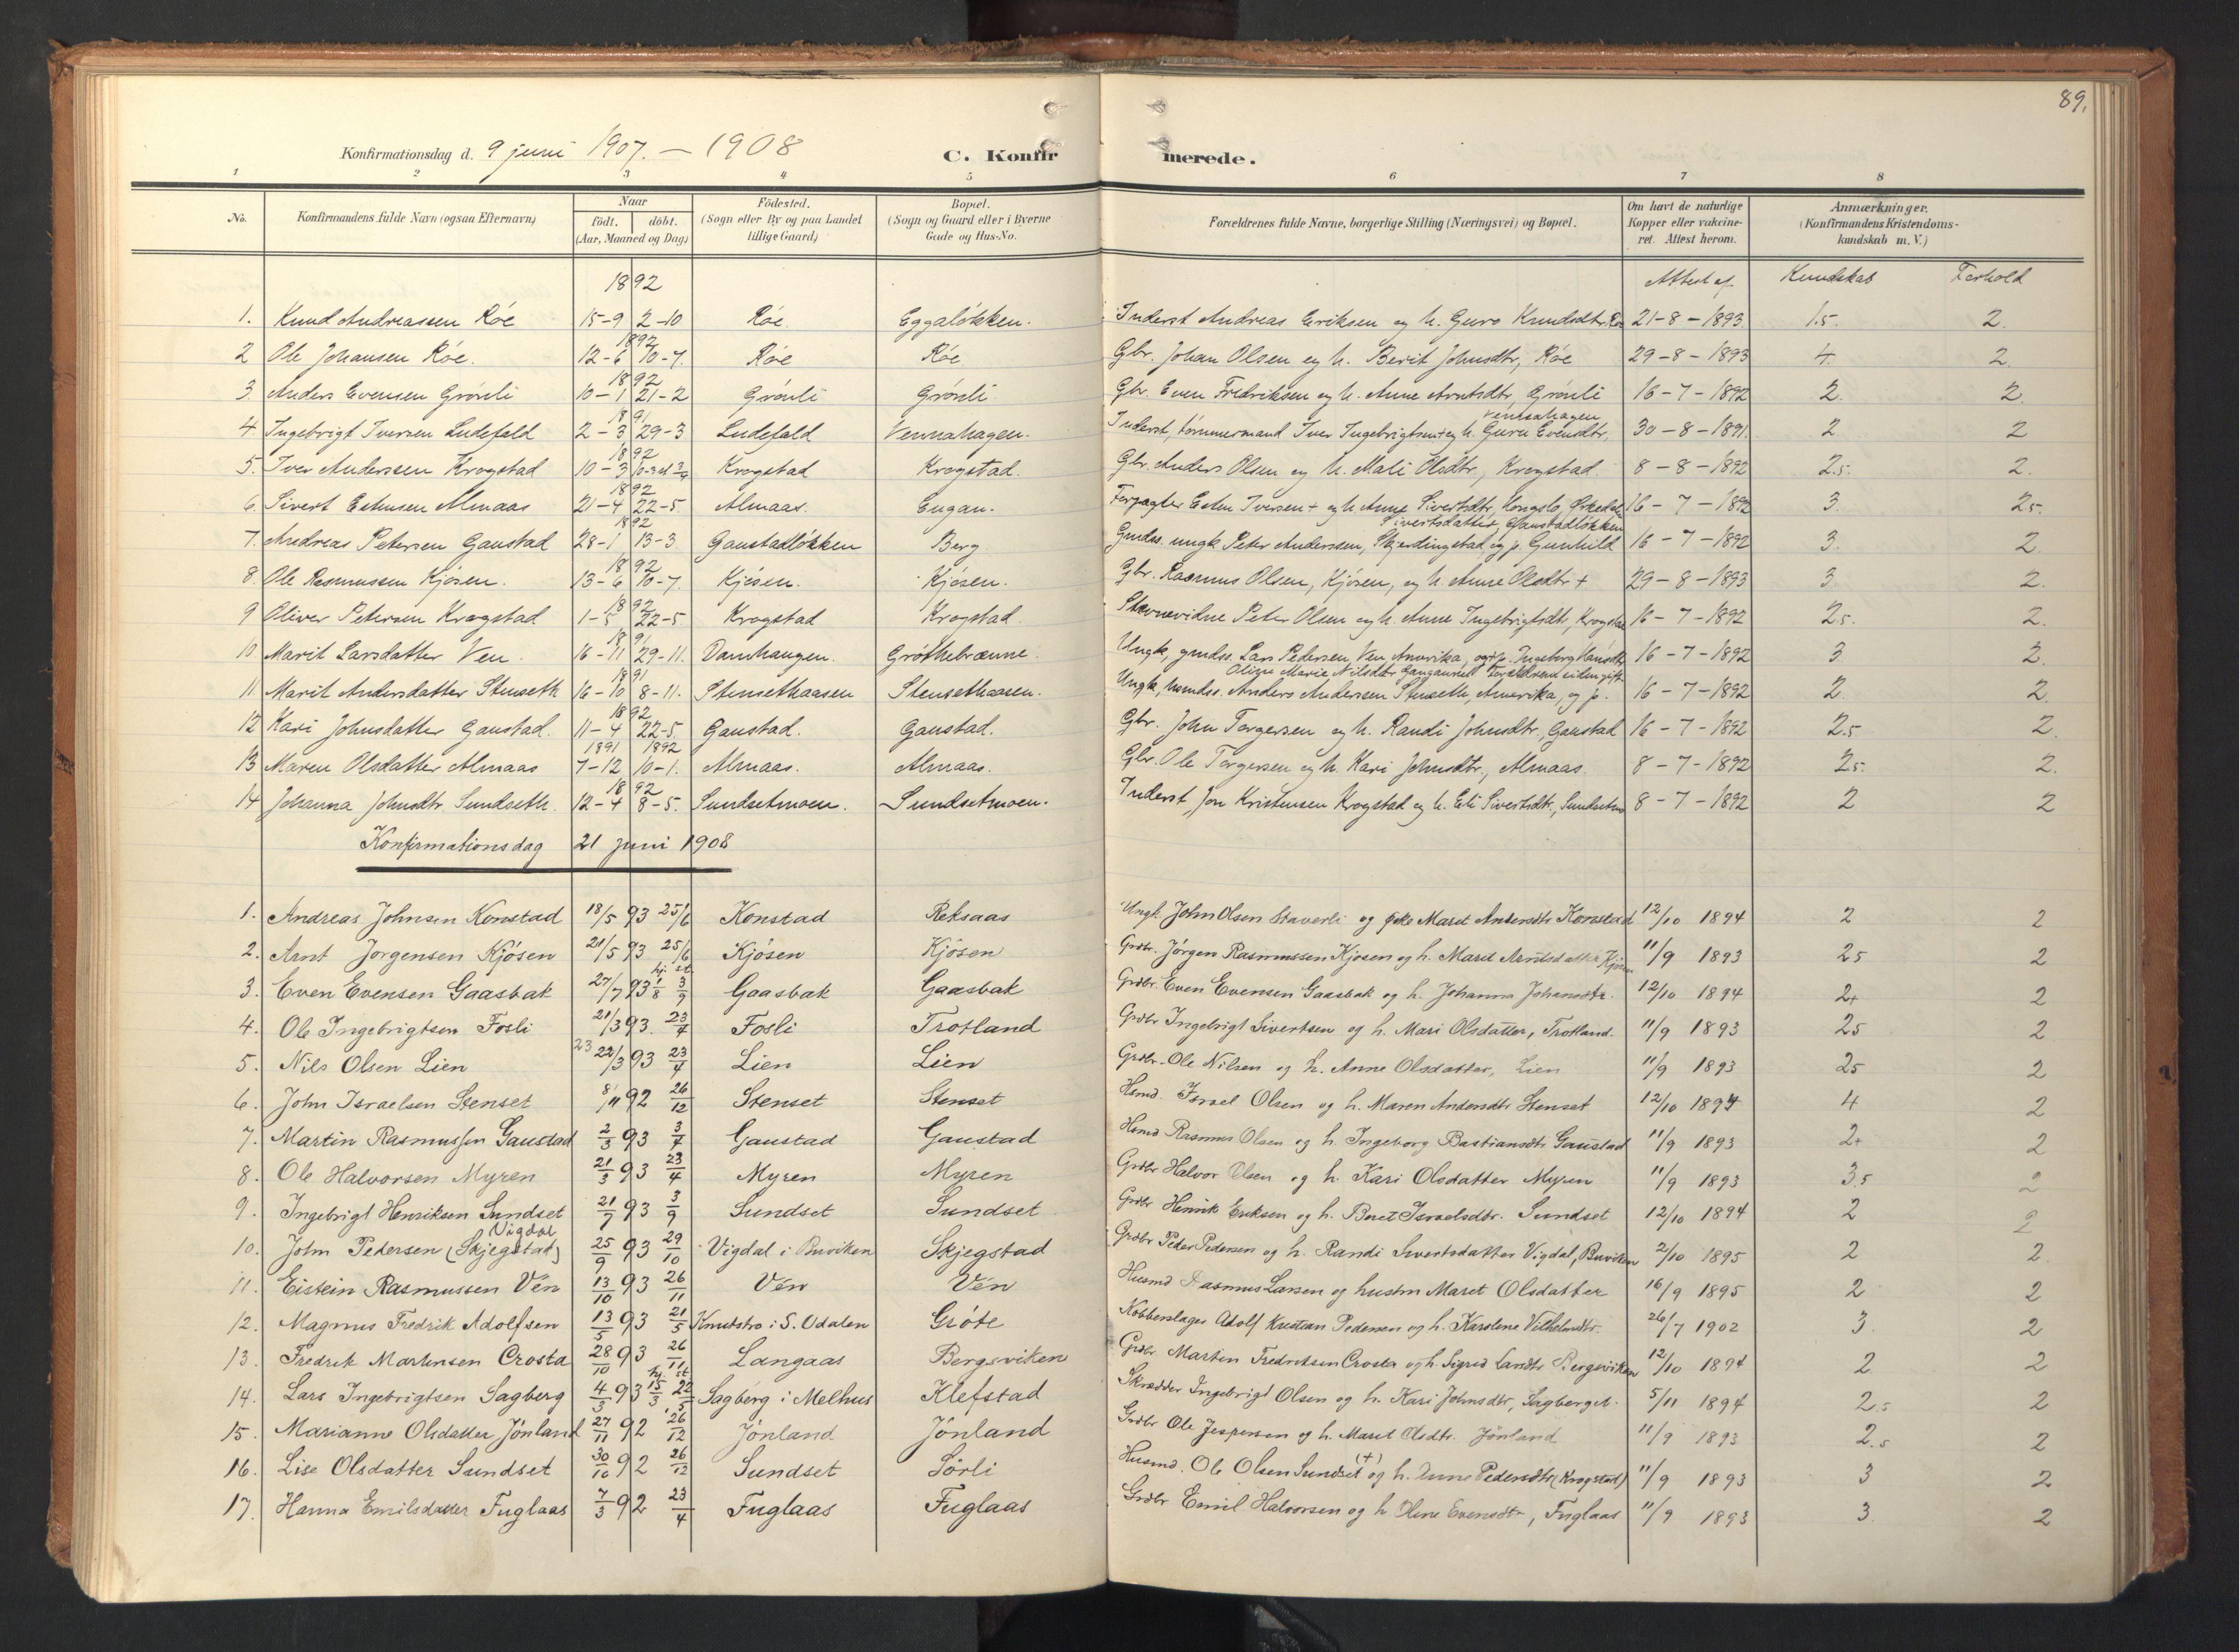 SAT, Ministerialprotokoller, klokkerbøker og fødselsregistre - Sør-Trøndelag, 694/L1128: Ministerialbok nr. 694A02, 1906-1931, s. 89